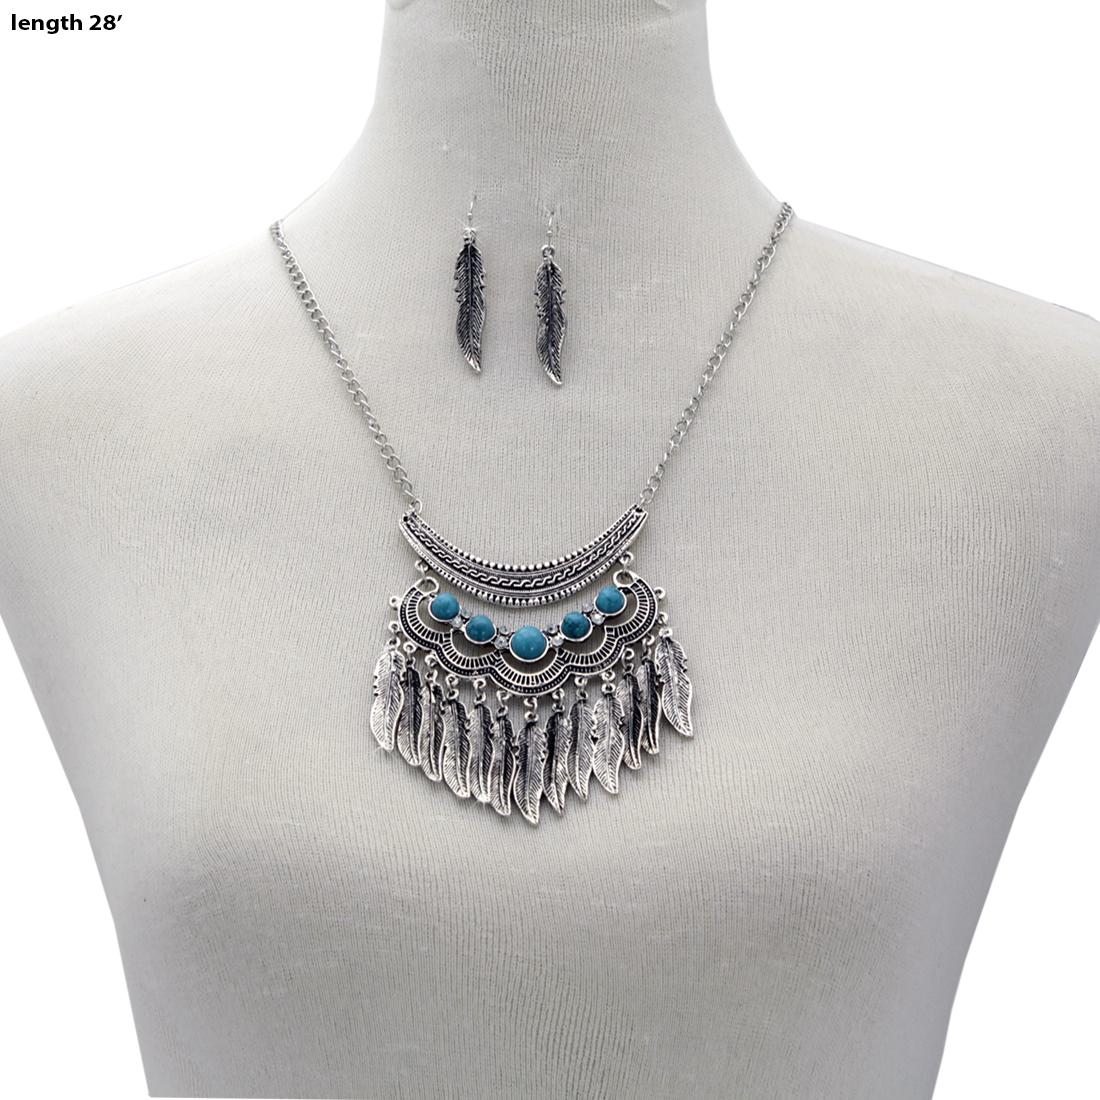 Turquoise Stone Necklace Set - 730770-2PC-Set WHOLESALE GENUINE TURQ STONE NECKLACE